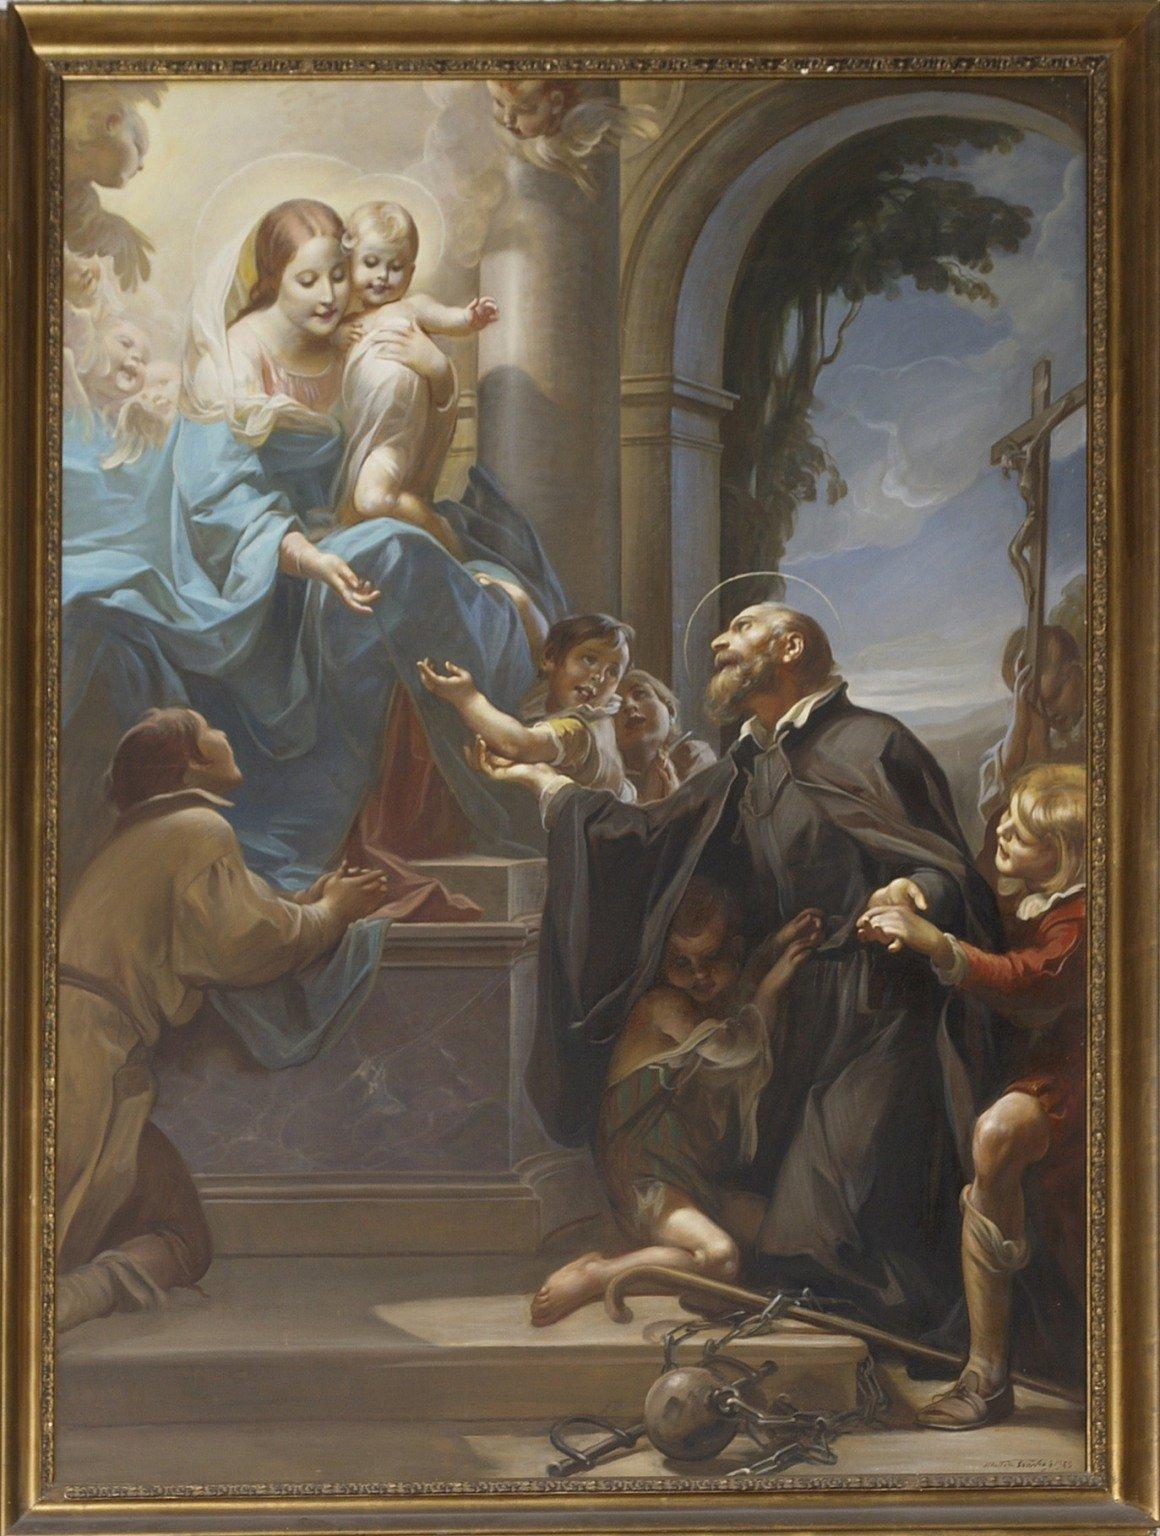 La miracolosa liberazione di San Girolamo Emiliani